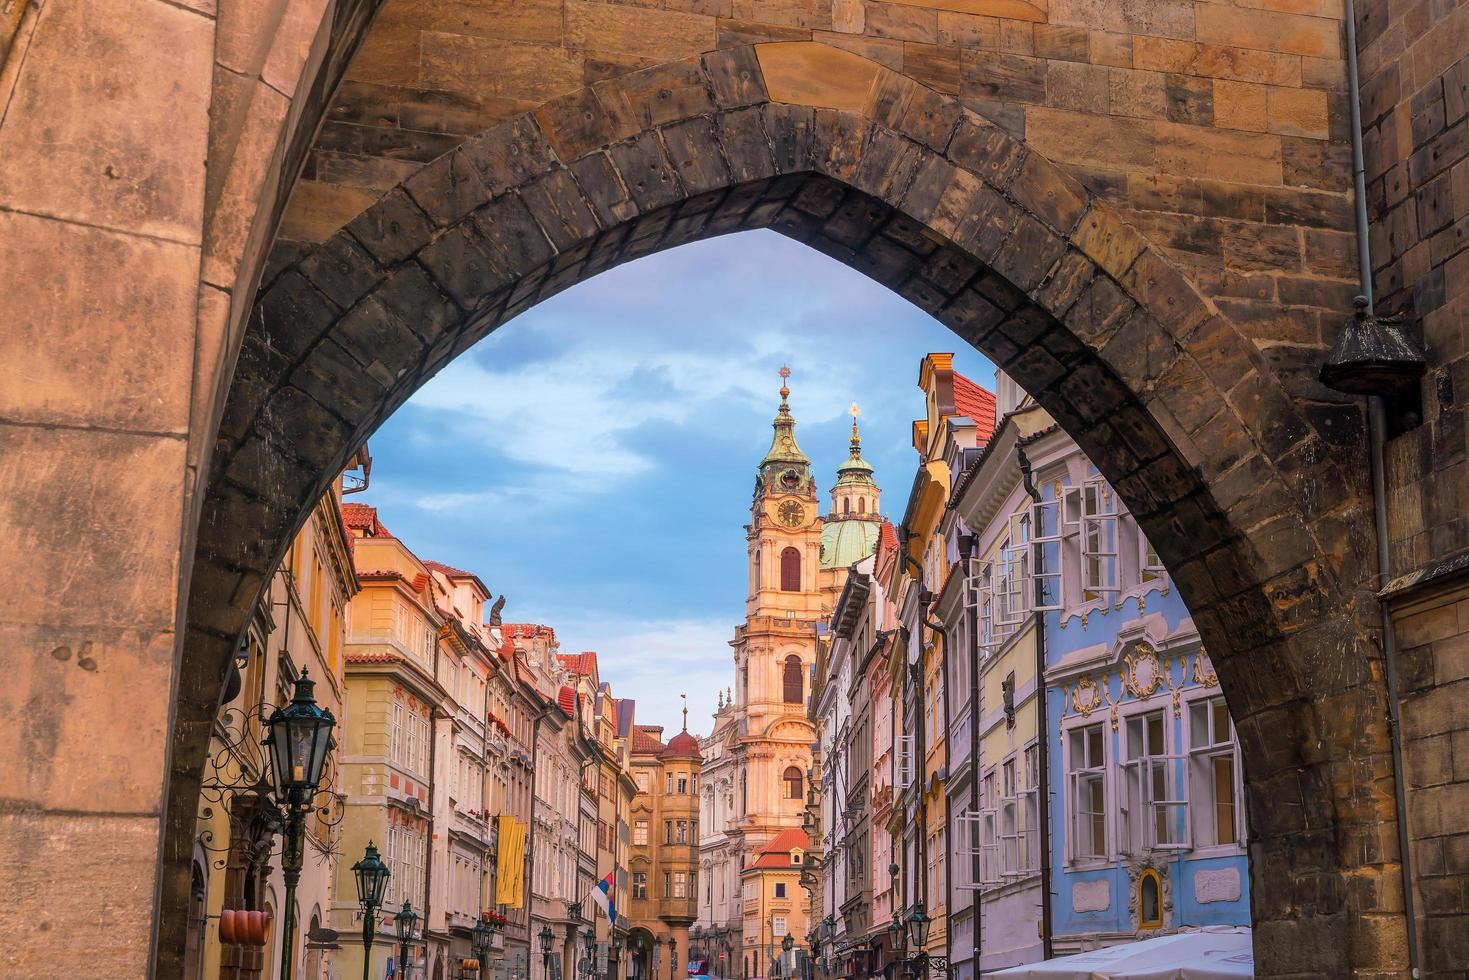 Puente de Carlos y el horizonte de la ciudad de Praga. foto